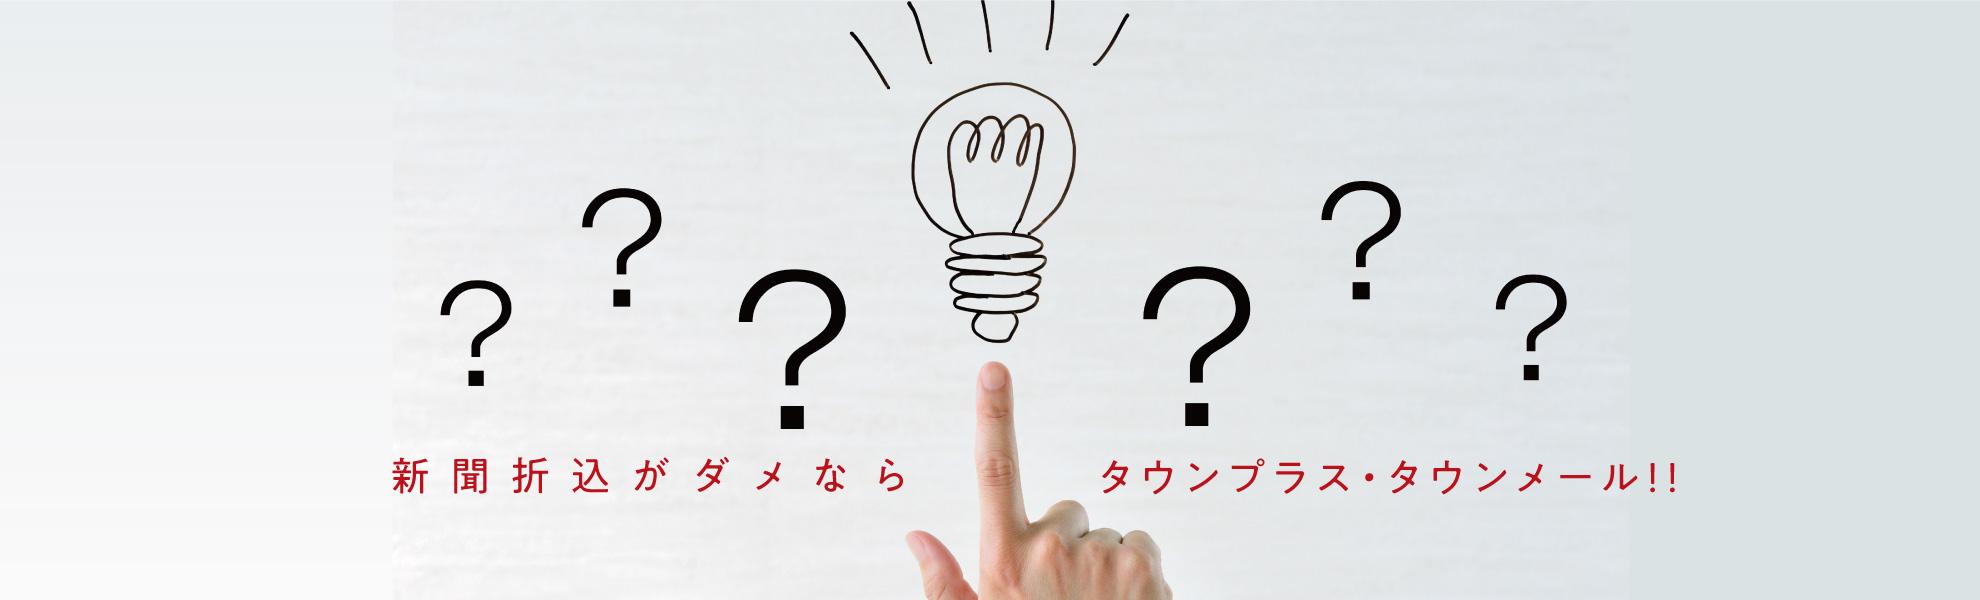 新聞折込がダメならタウンプラス・タウンメール!!